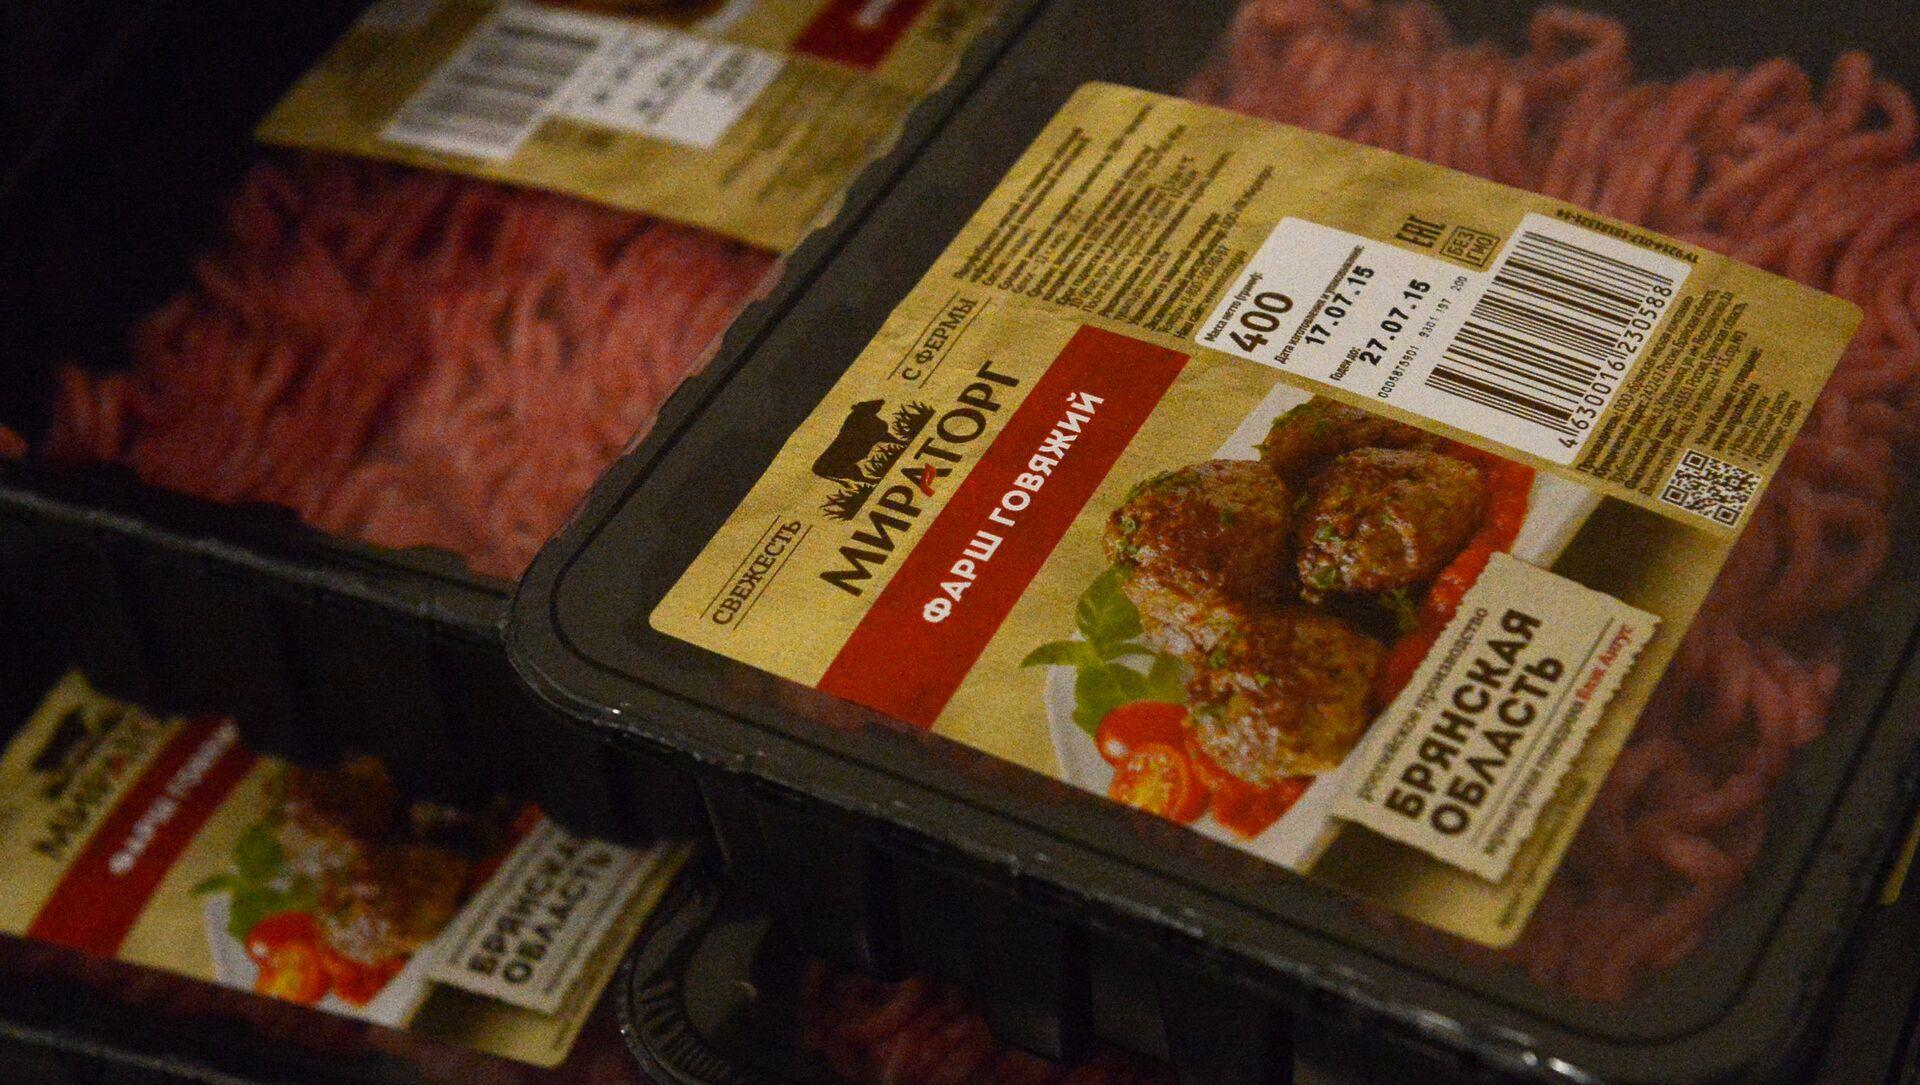 Carne molida de res de la empresa Miratorg - Sputnik Mundo, 1920, 26.01.2016